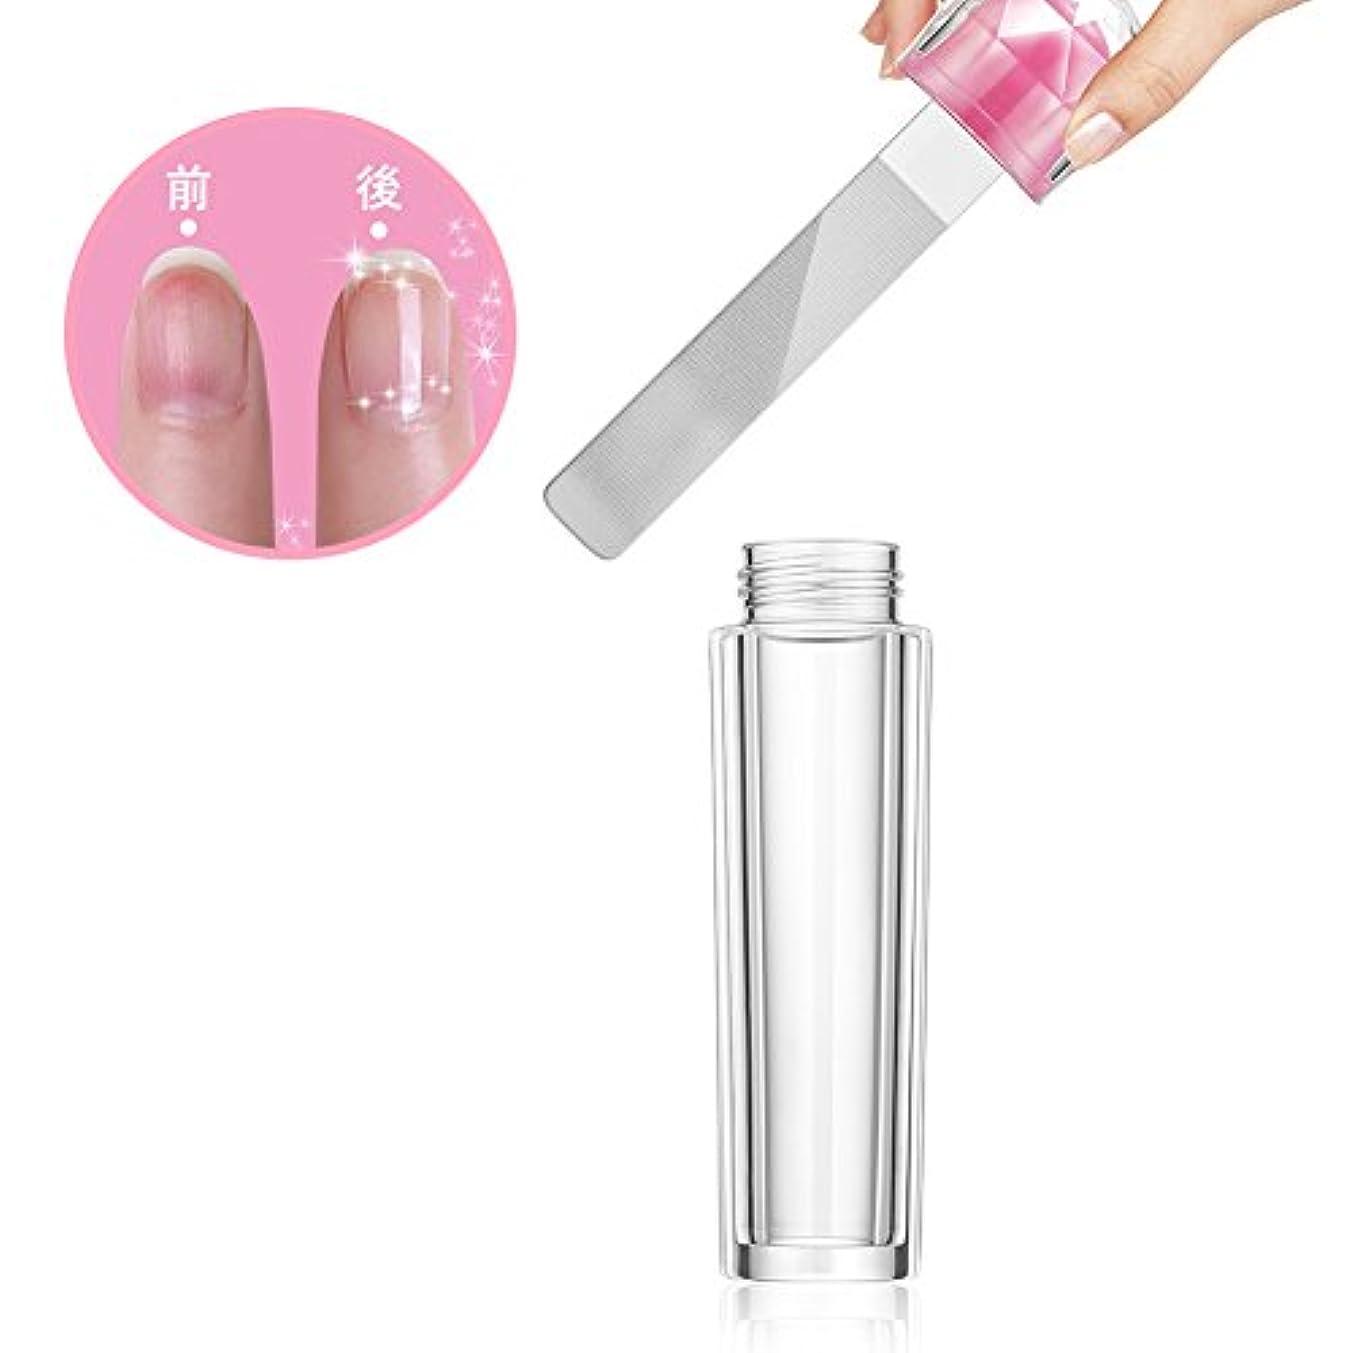 ソース実際石膏ガラス製 爪やすり 爪磨き ネイルケア ケース付き ネイルシャイナー ネイルケア (1個) (1個)